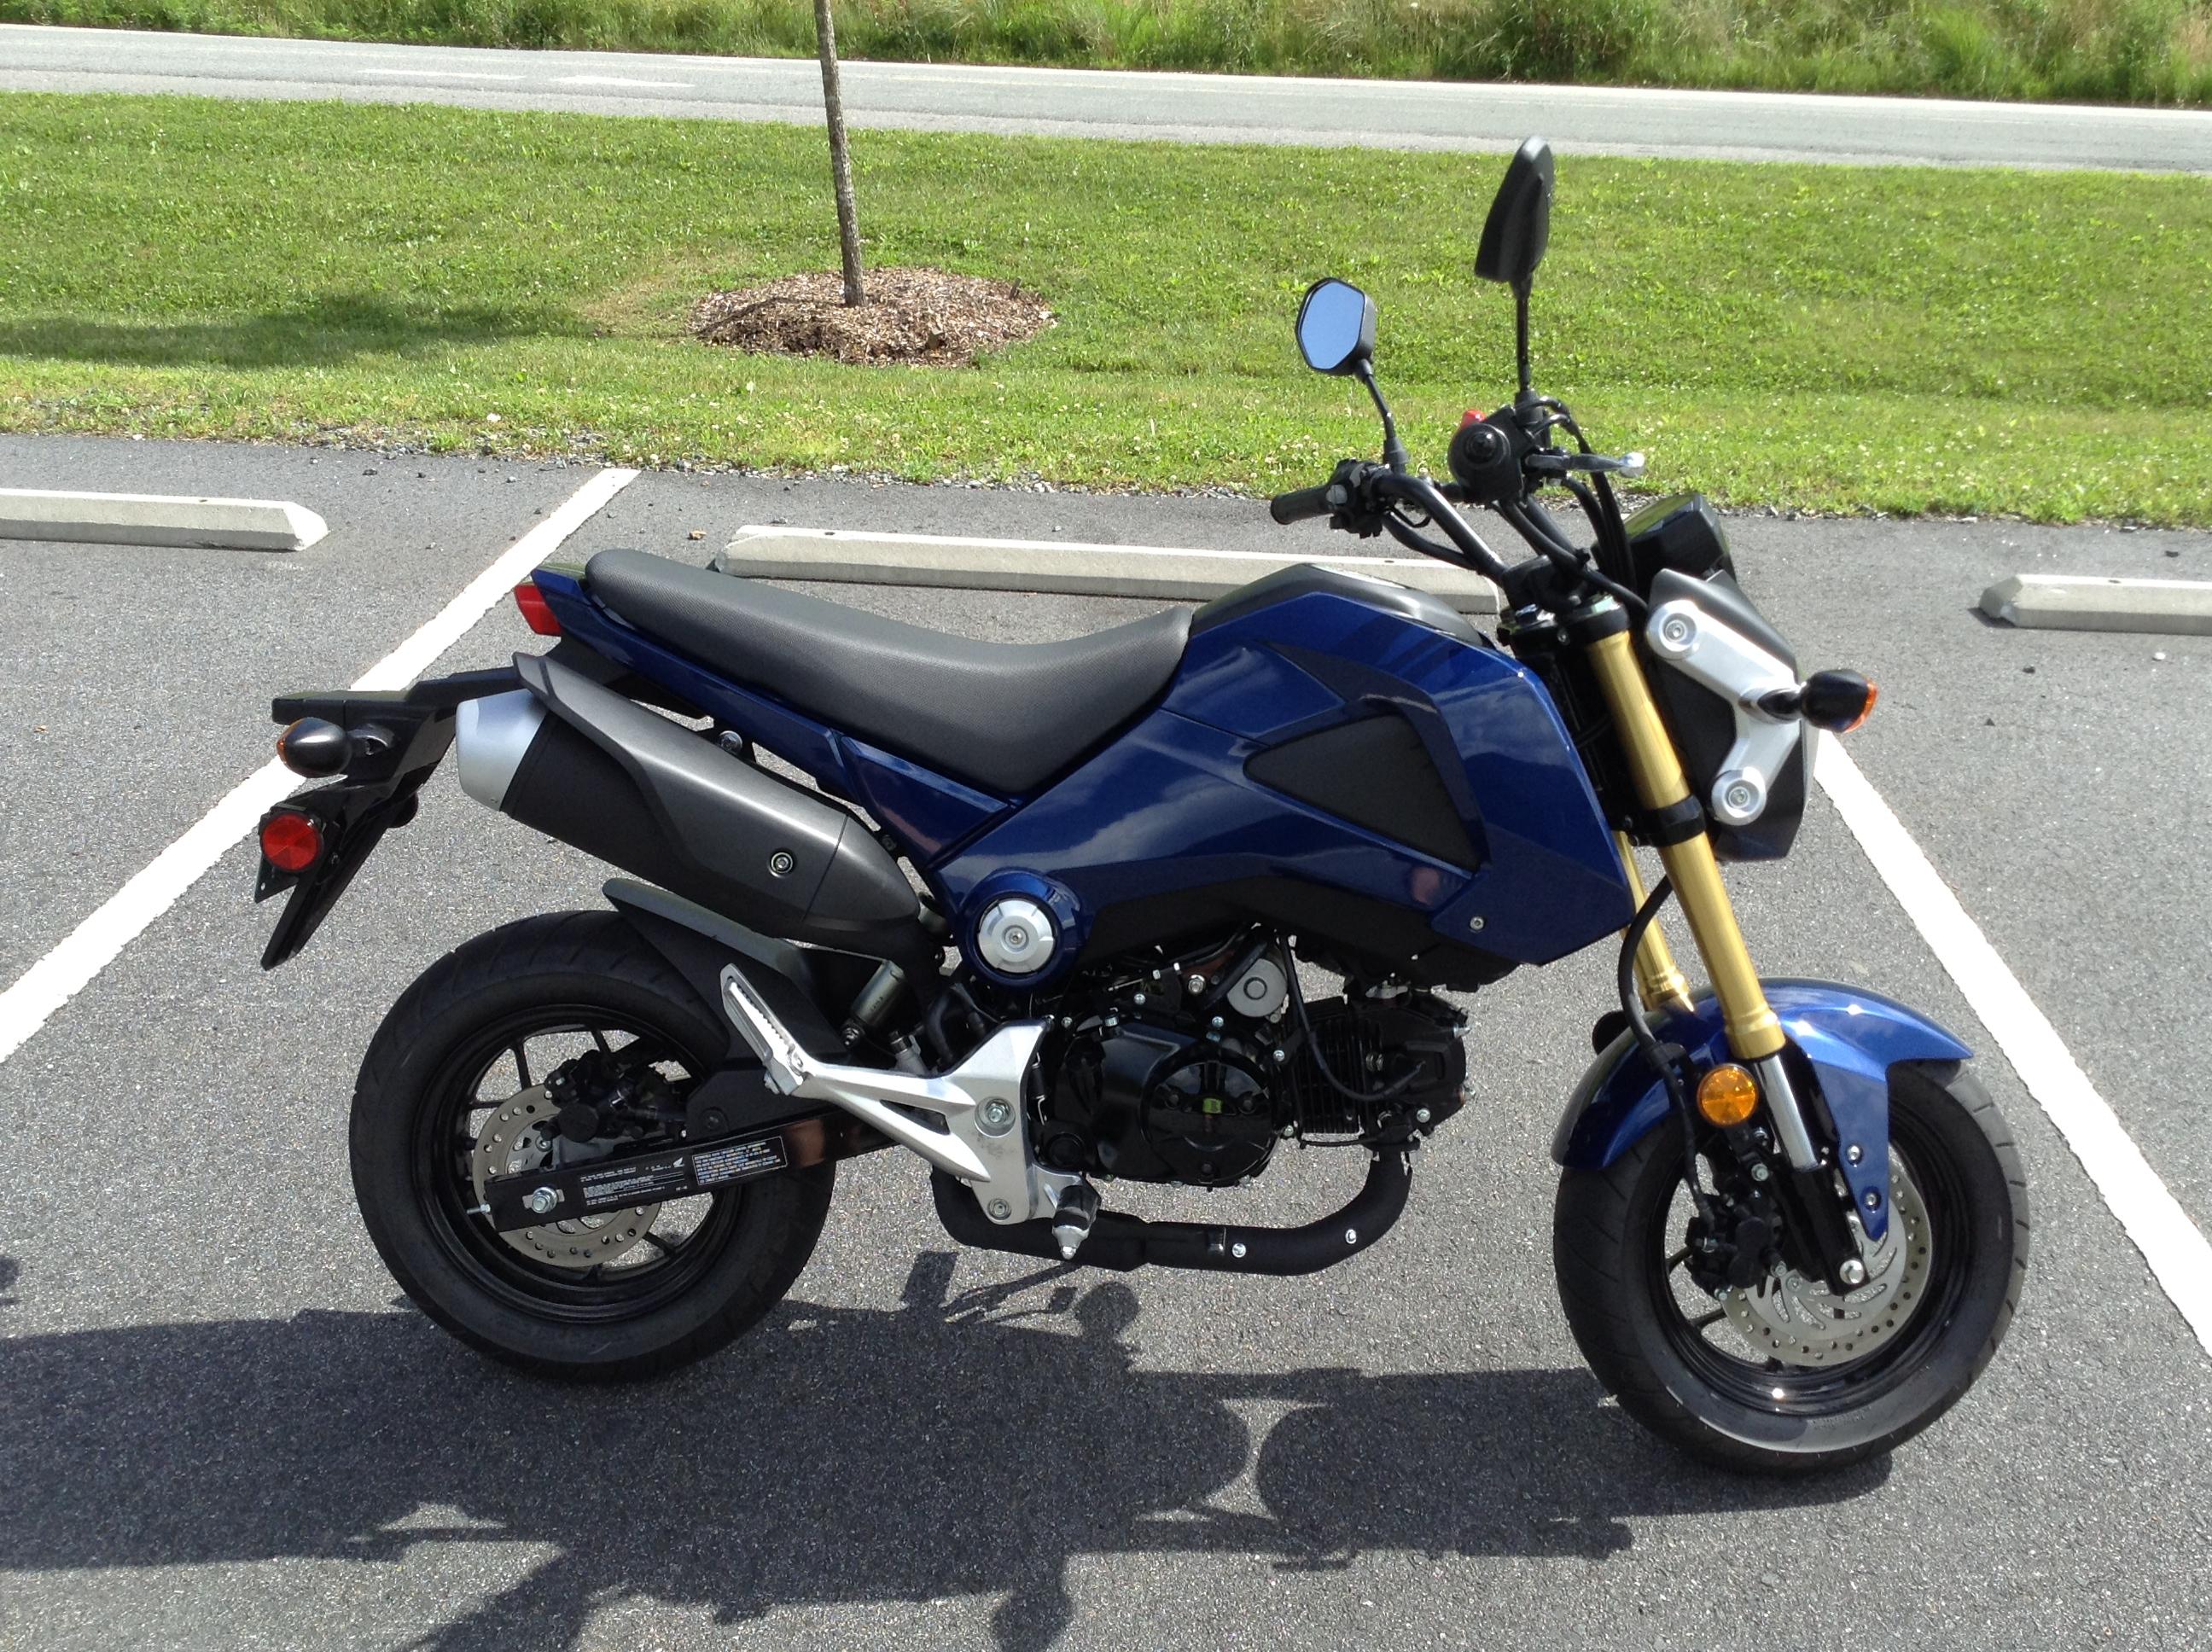 2014 Honda Grom Blue $3200 NC